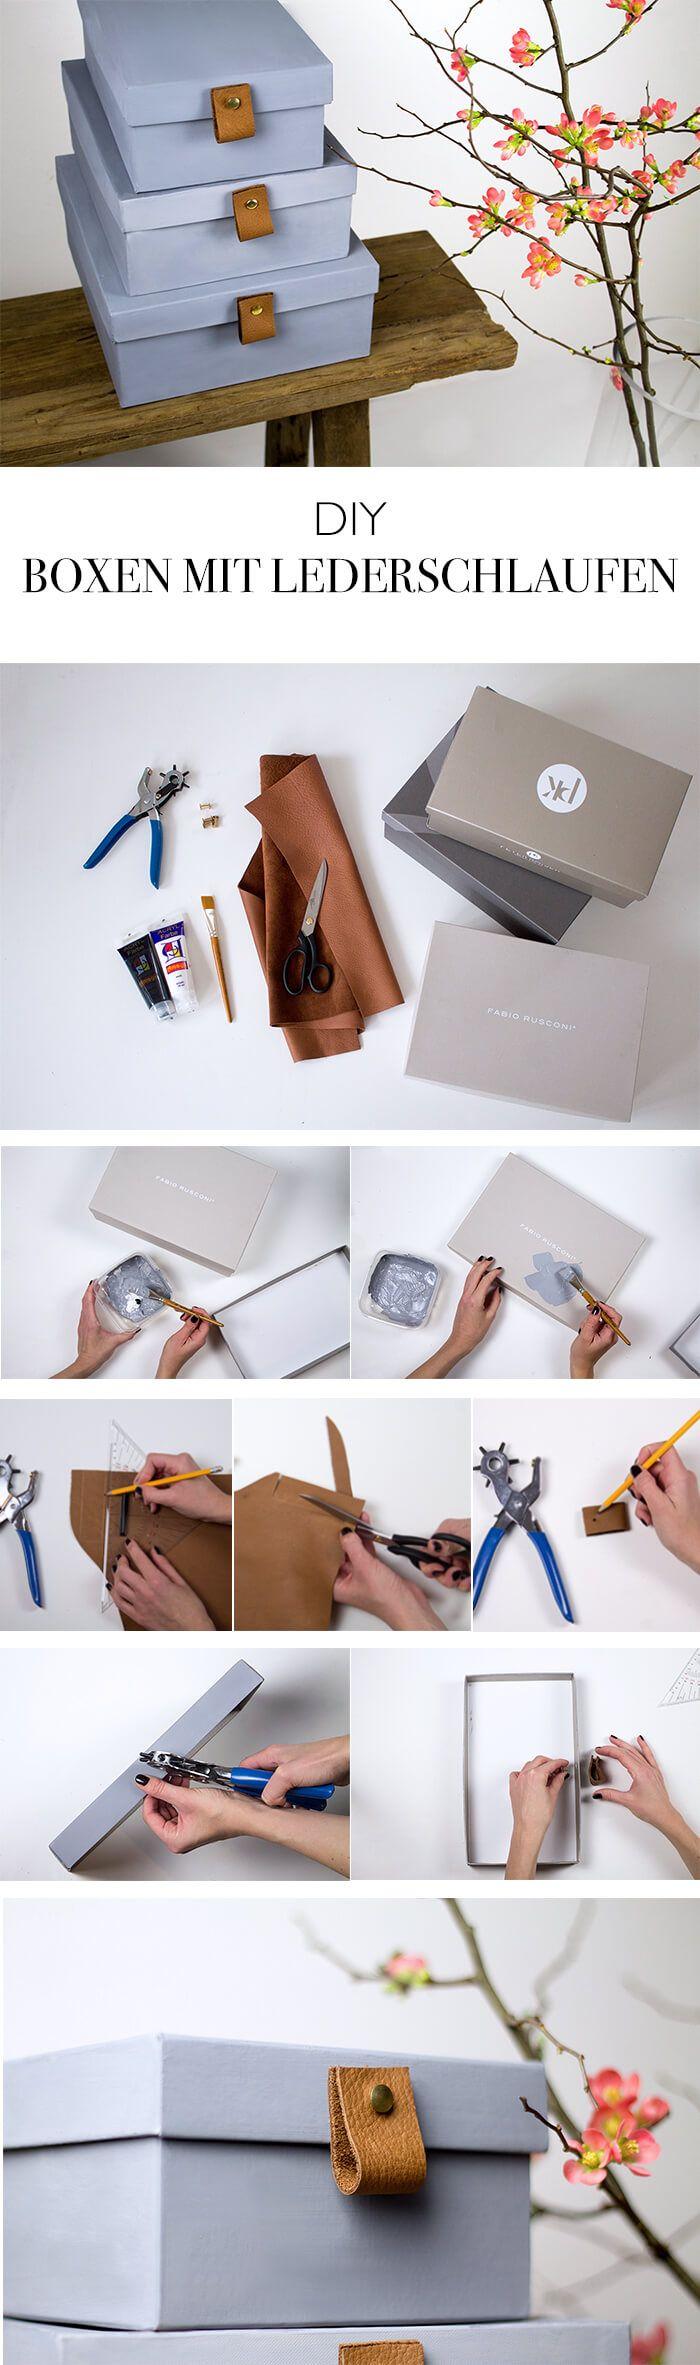 die besten 25 aufbewahrungsboxen pappe ideen auf pinterest kartons mit deckel diy karton und. Black Bedroom Furniture Sets. Home Design Ideas